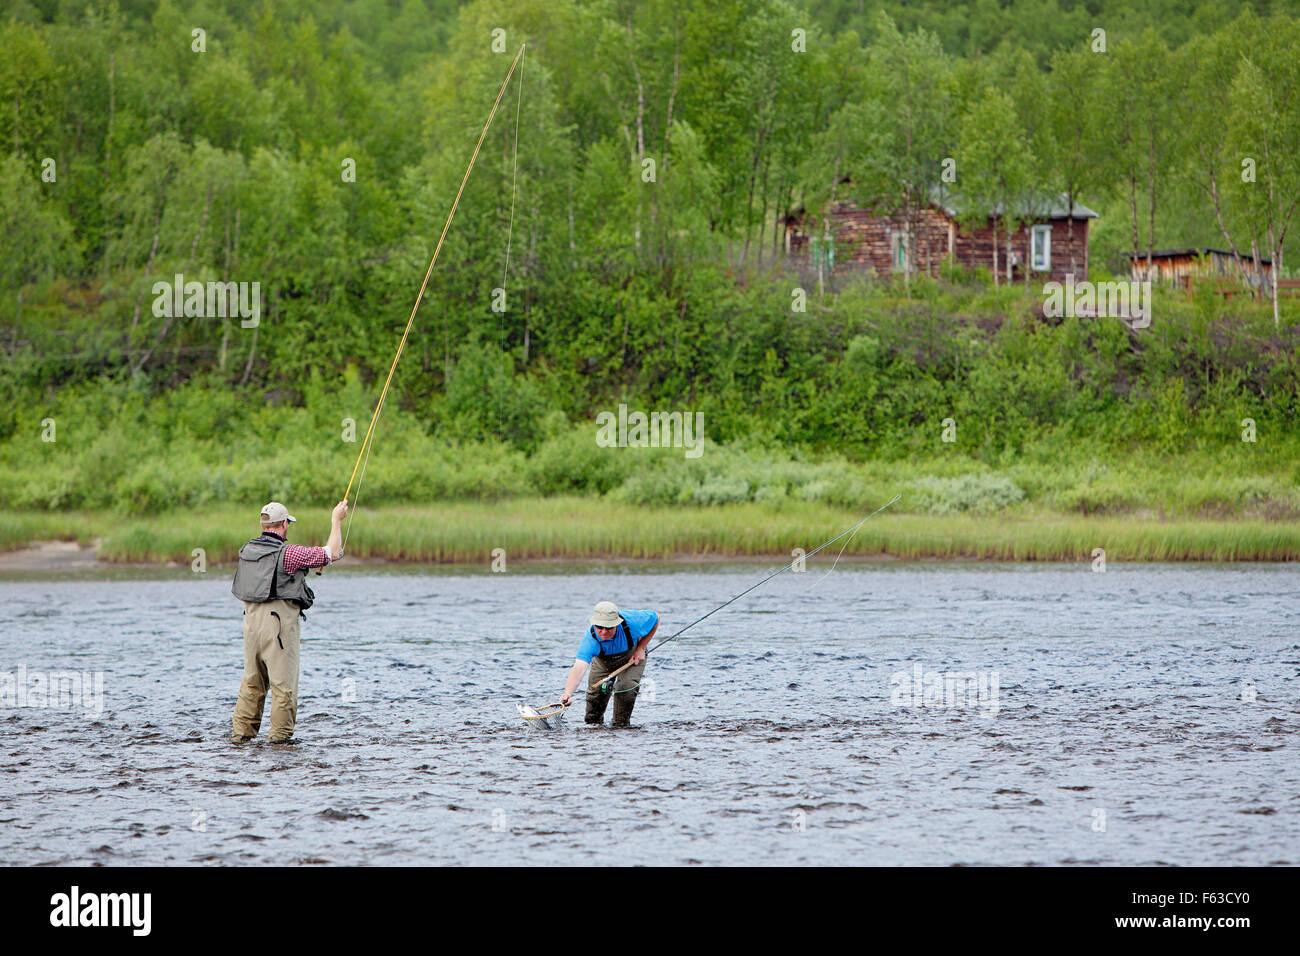 Lachs-Fliegenfischen am Teno (Tana) River an der Grenze zwischen Finnland und Norwegen. Stockbild